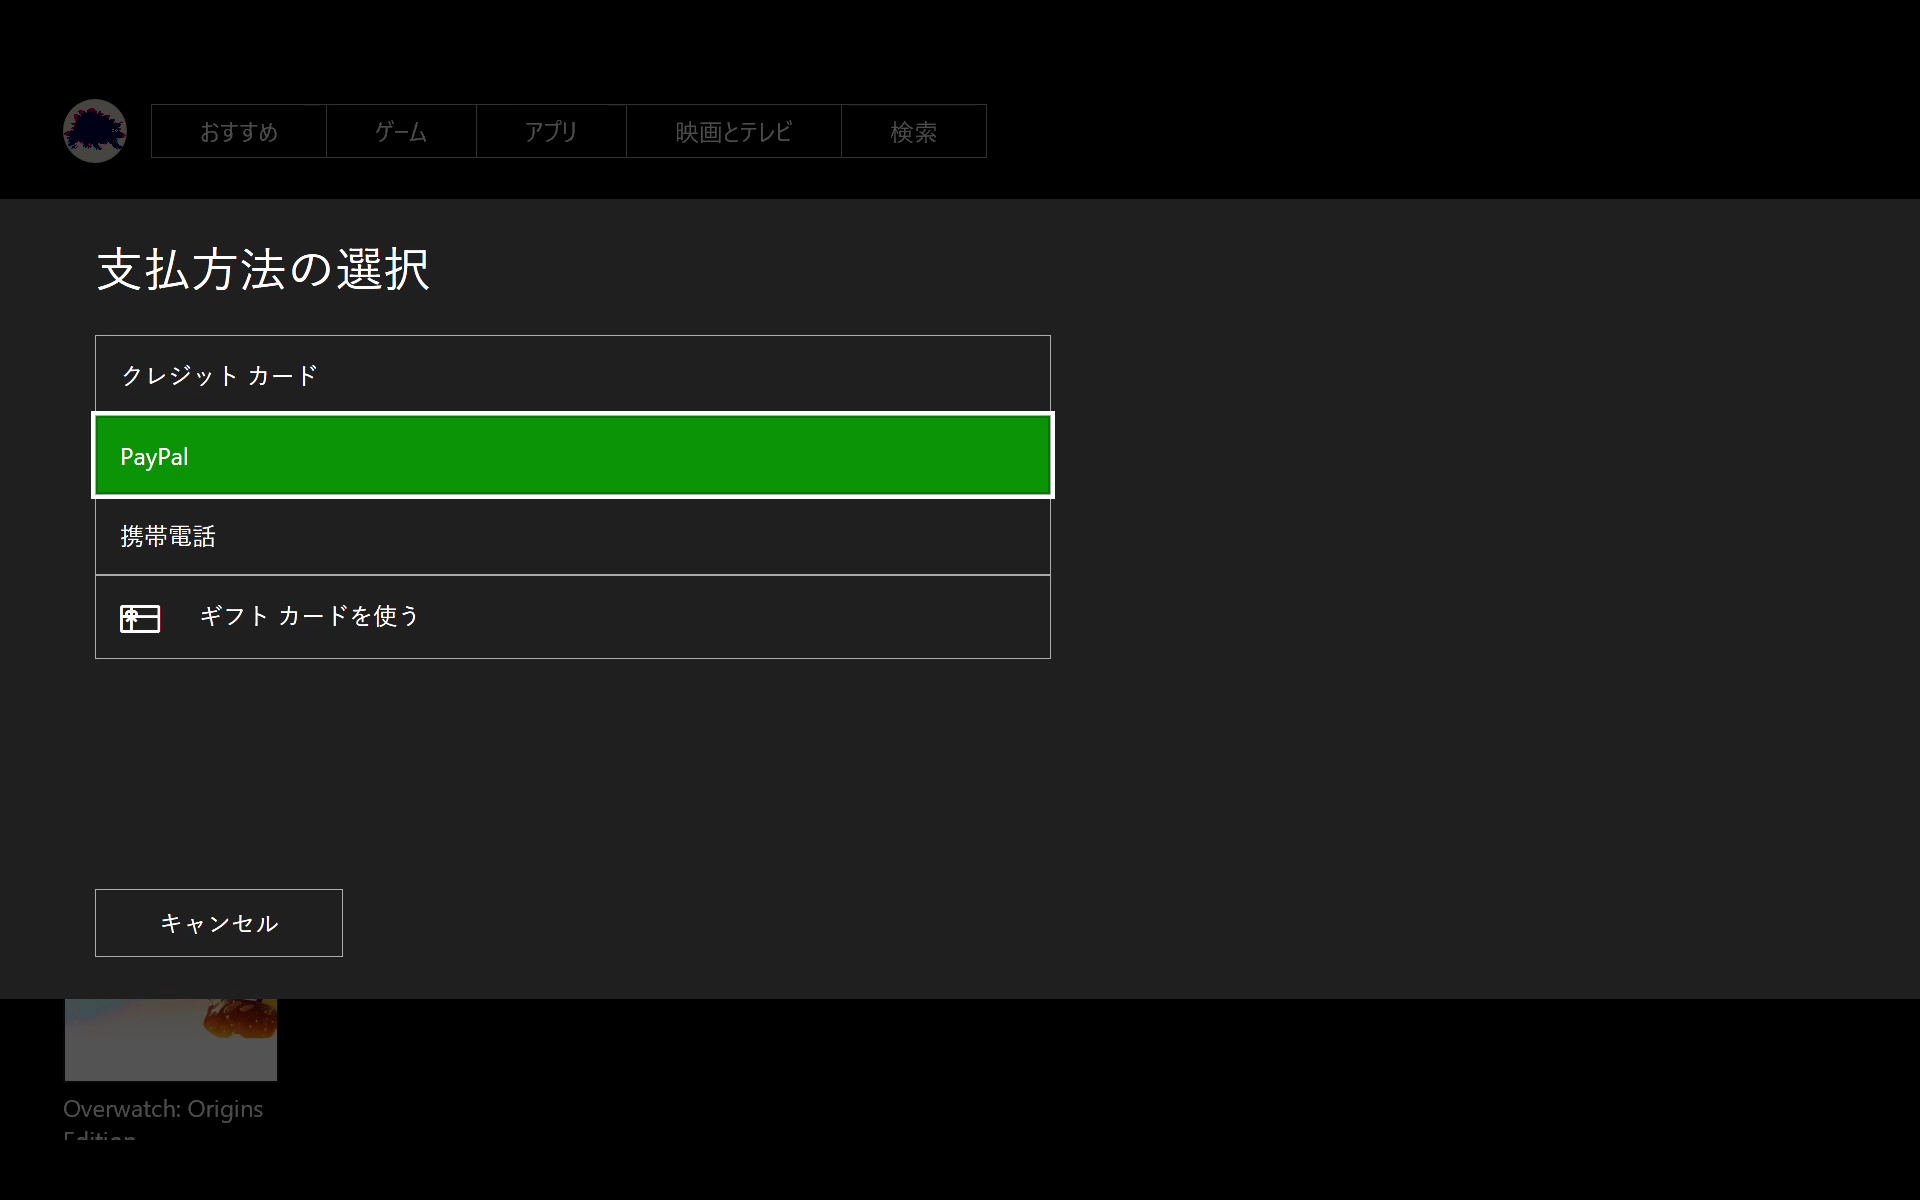 Xbox 2016_08_09 22_15_11